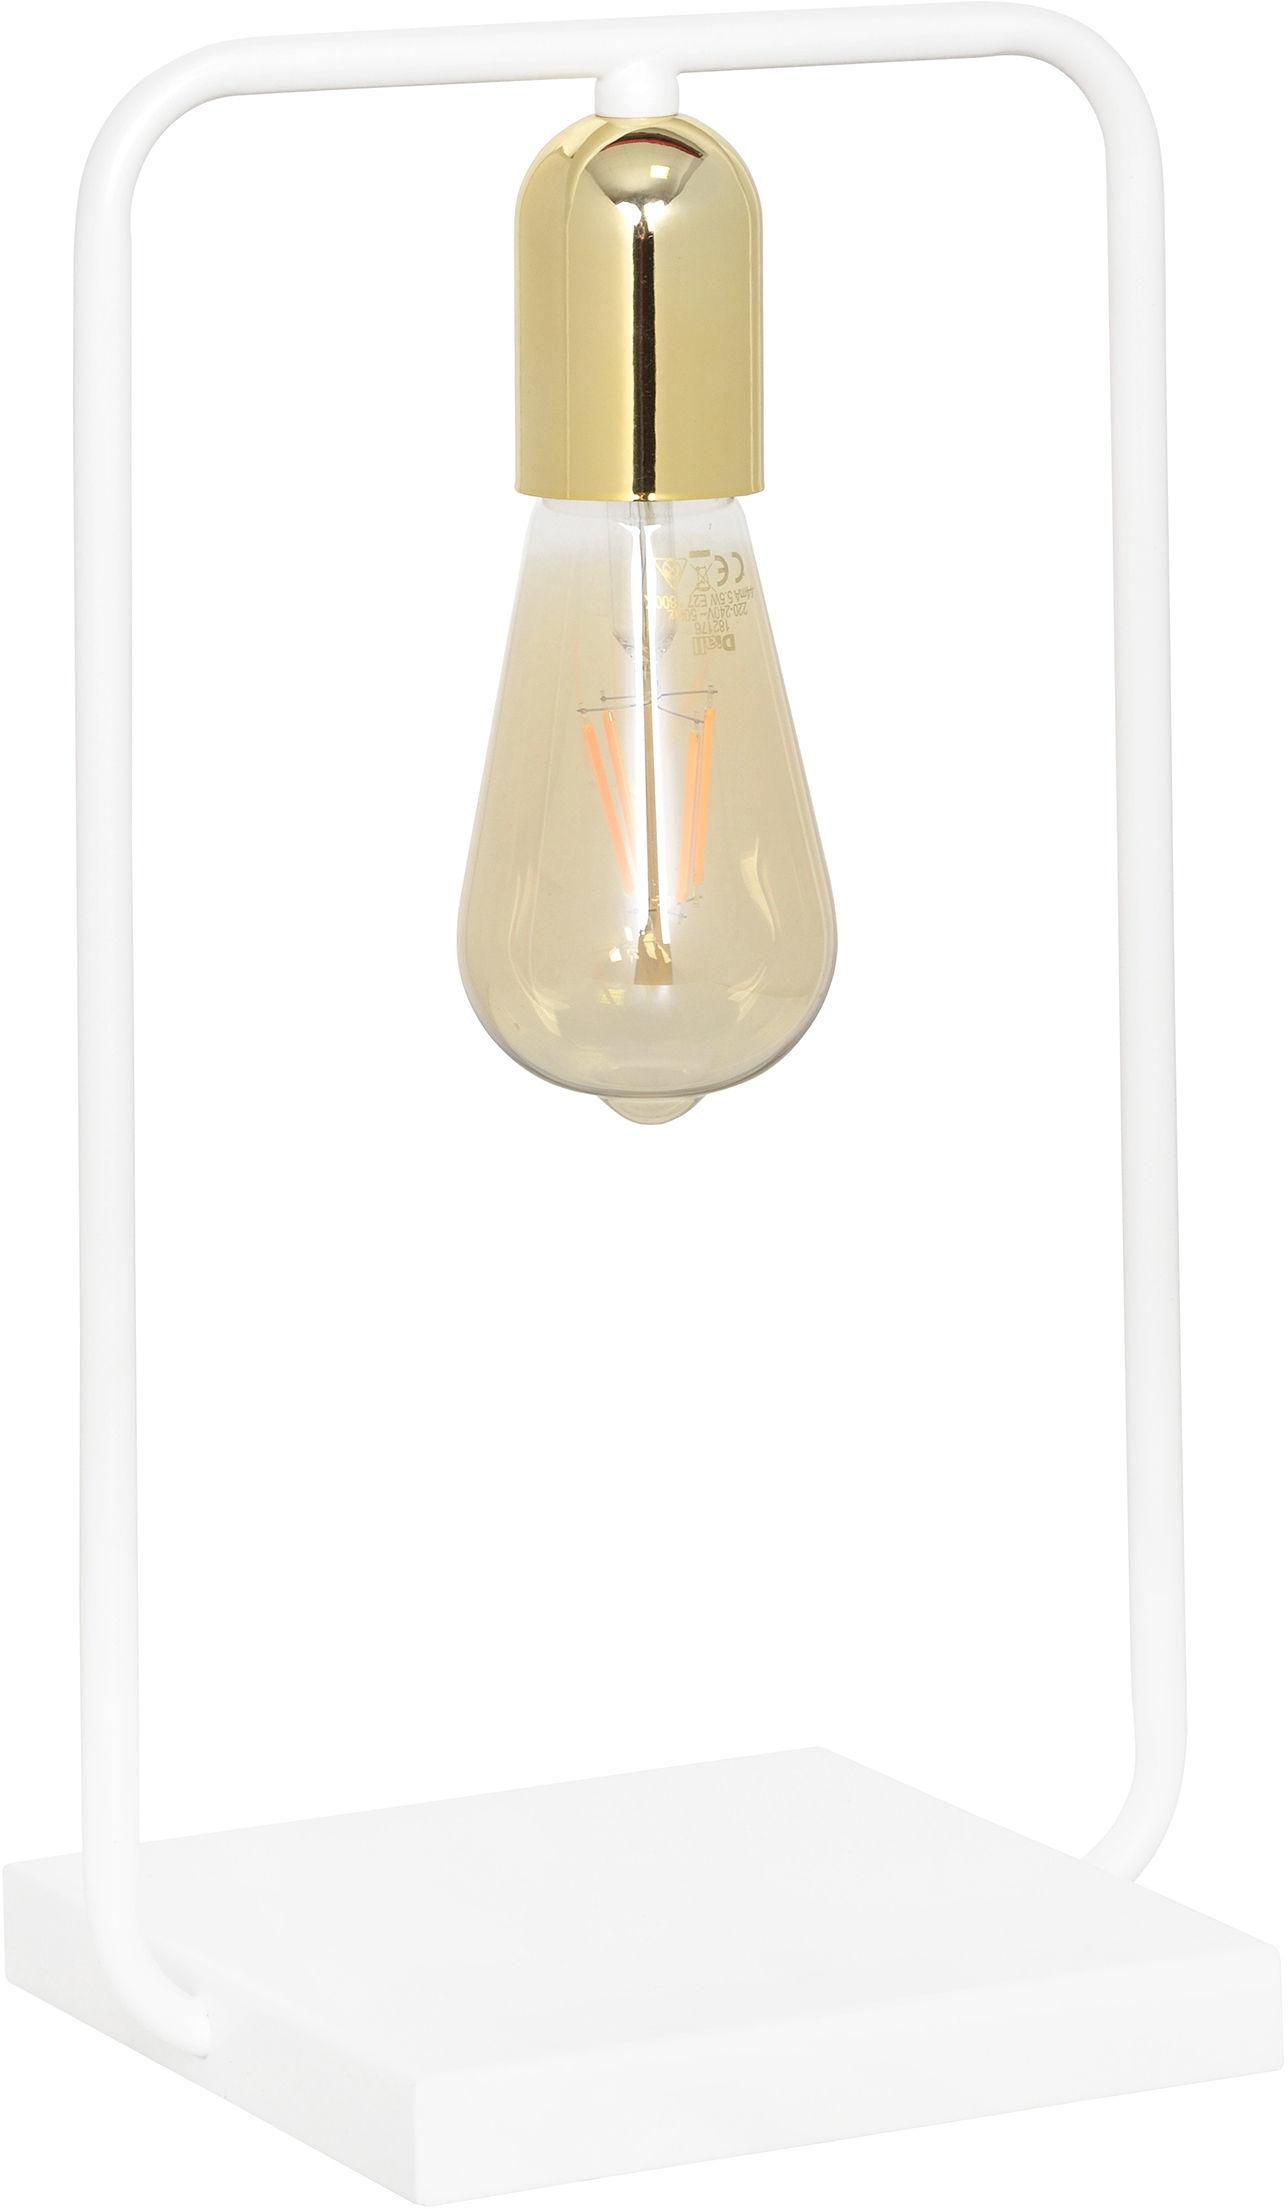 Emibig SAVO LN1 WHITE 354/LN1 lampa stołowa loftowa biało złota metal rama 1x60W E27 35cm